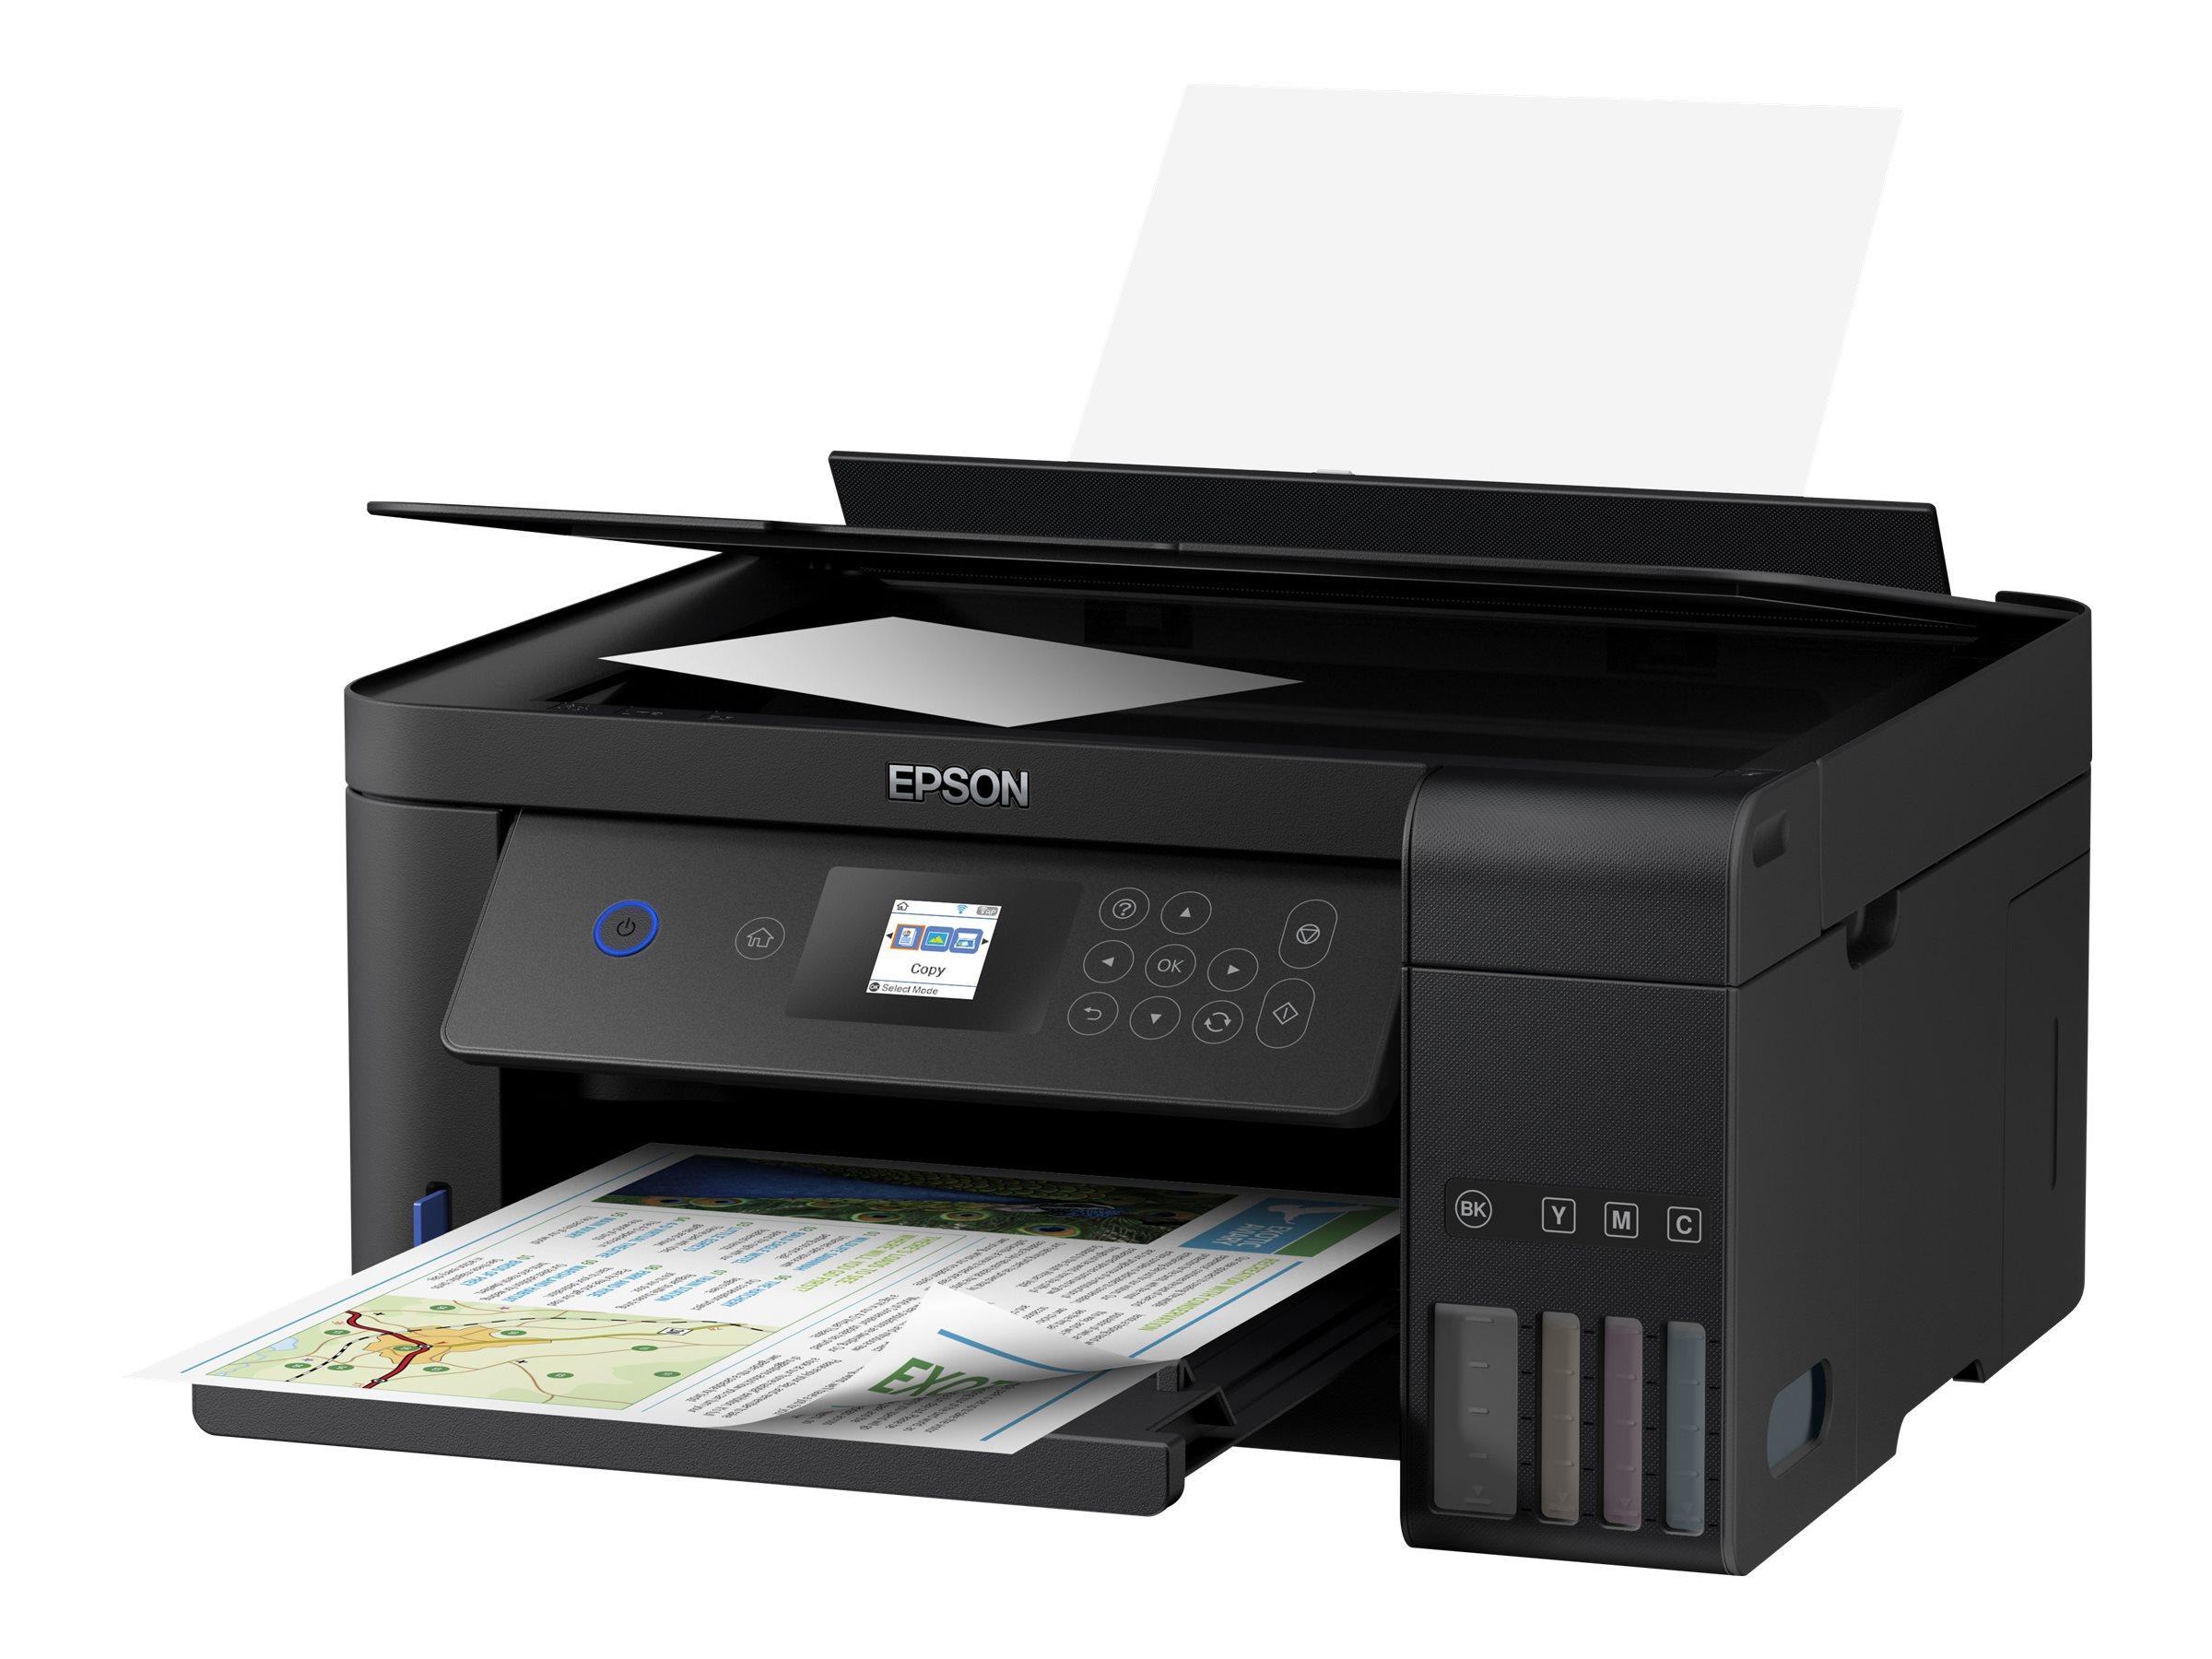 Epson EcoTank ET-2751 - Multifunktionsdrucker - Farbe - Tintenstrahl - A4/Legal (Medien) - bis zu 10.5 Seiten/Min. (Drucken)